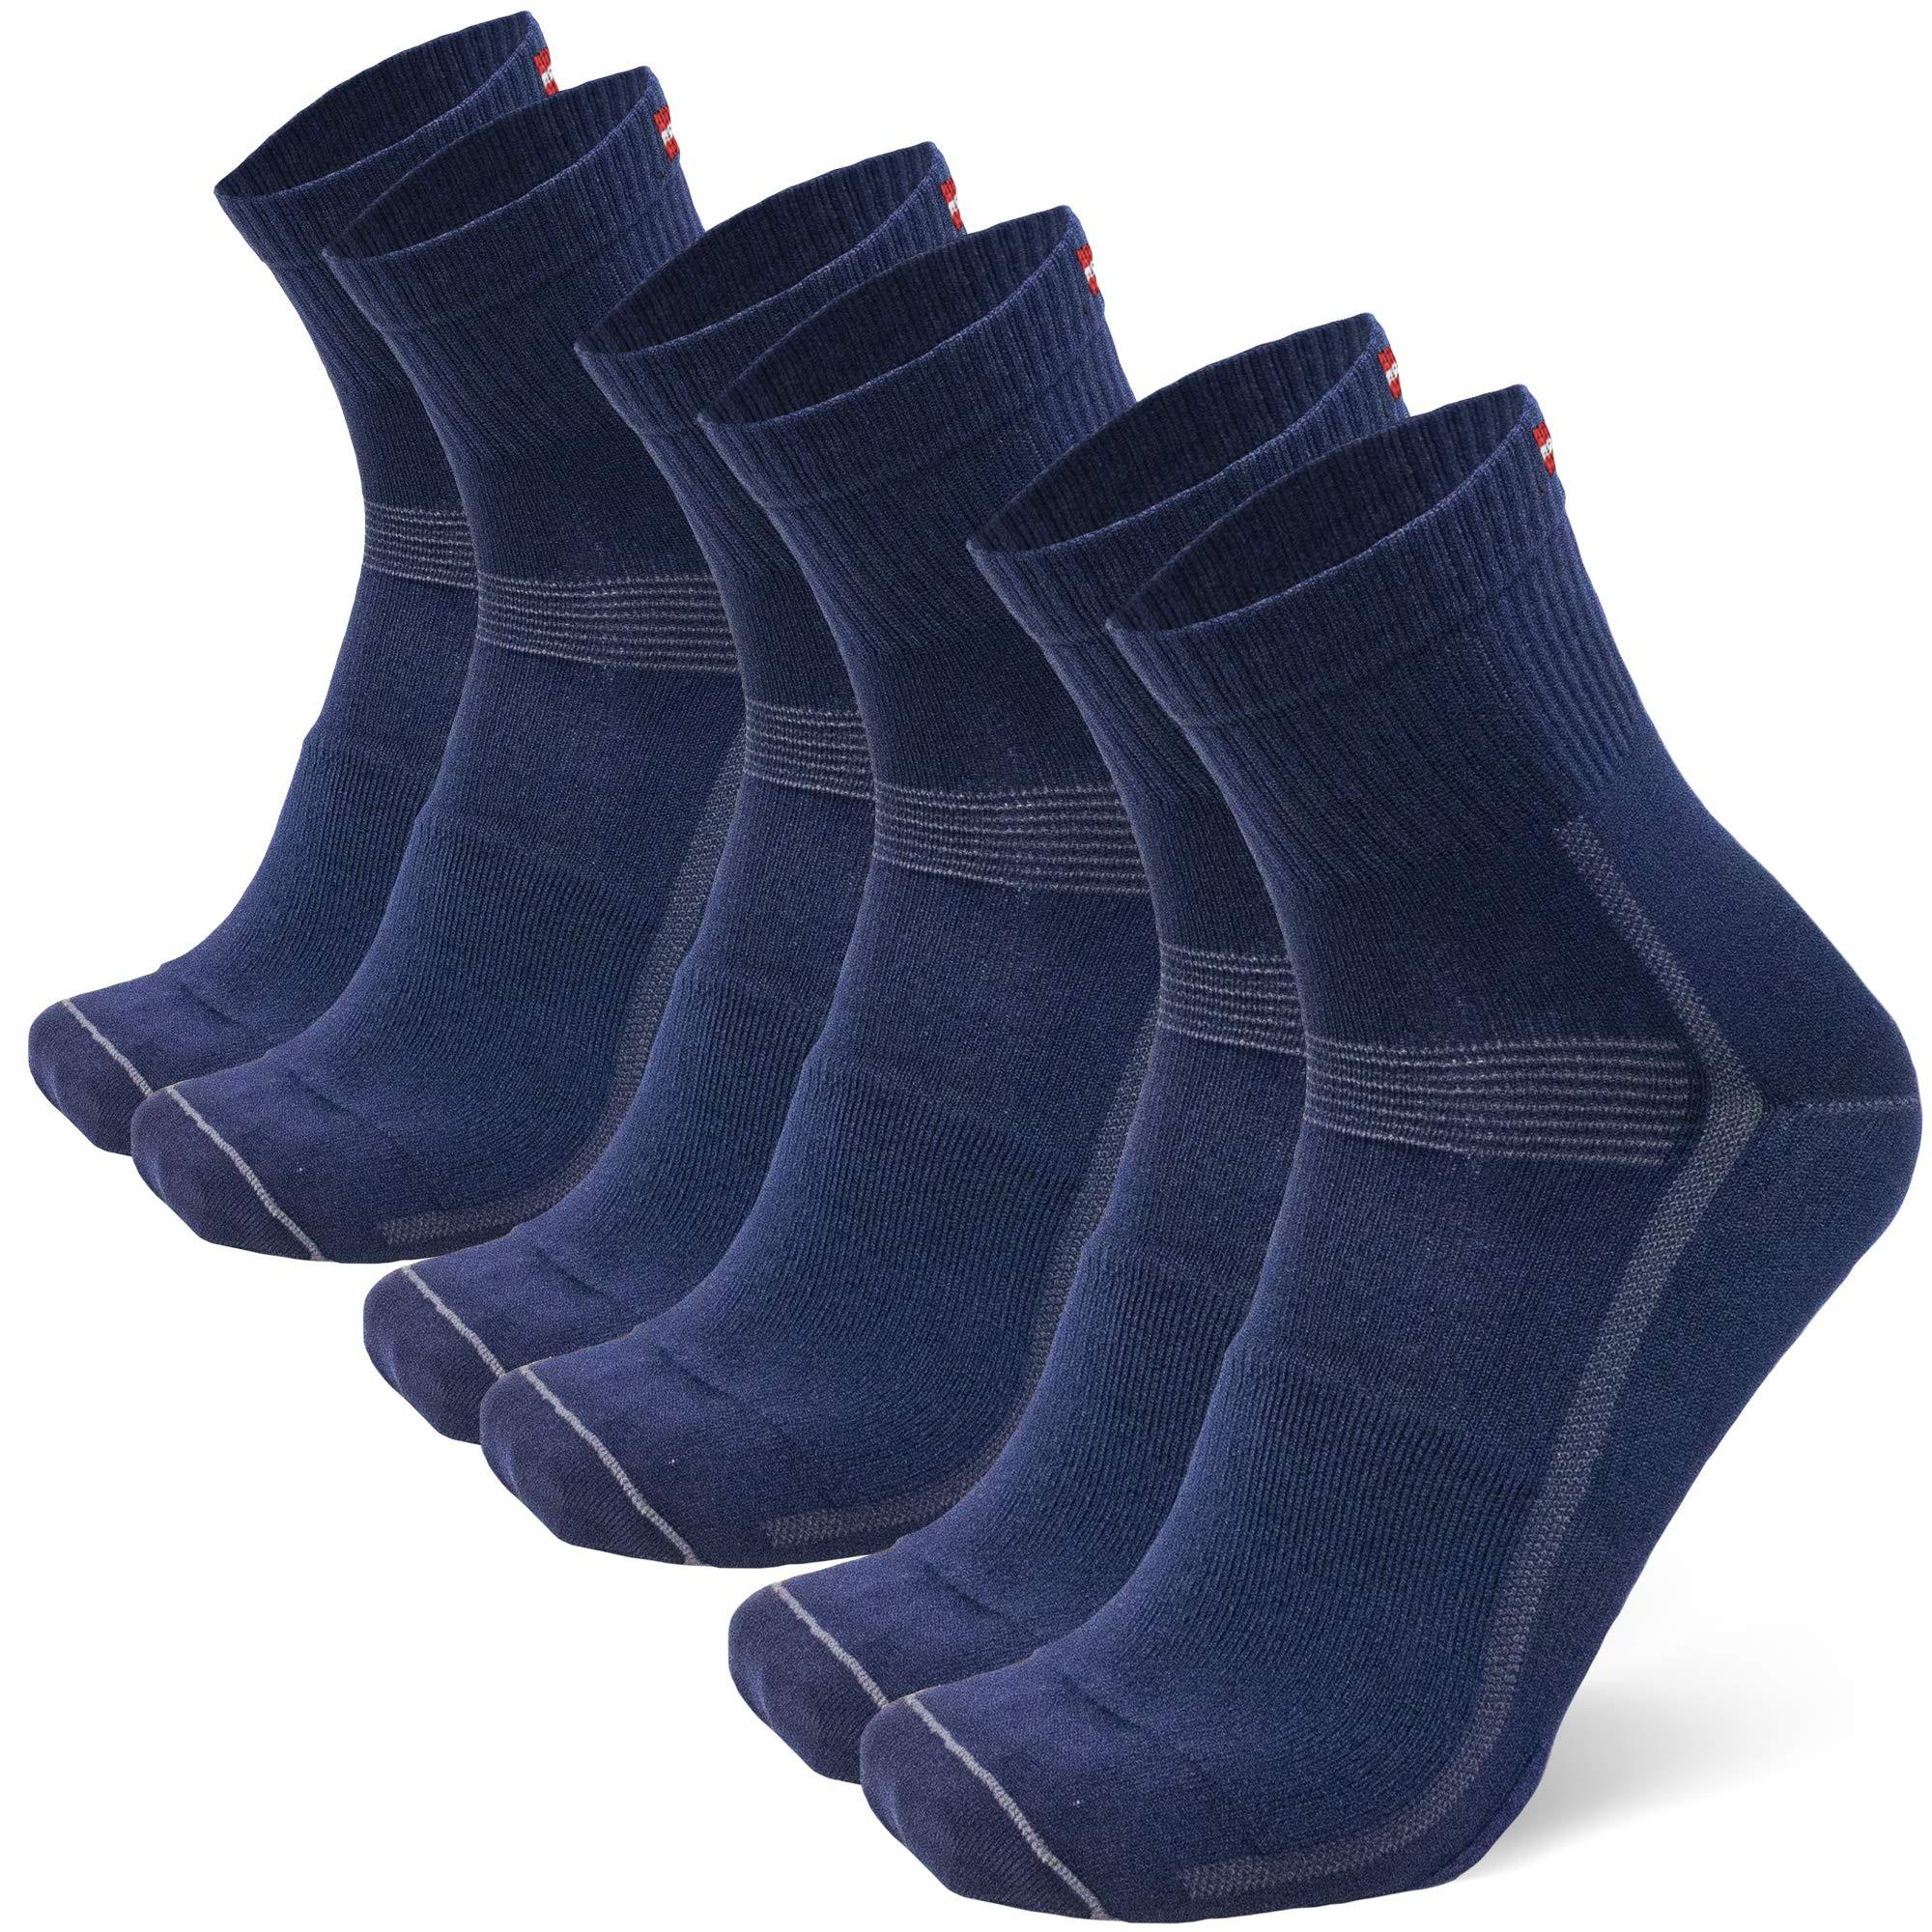 DANISH ENDURANCE Cycling Socks for Men & Women 3-Pack, Quarter Breathable & Cushioned Bike Socks, Mountain Biking, Spinning